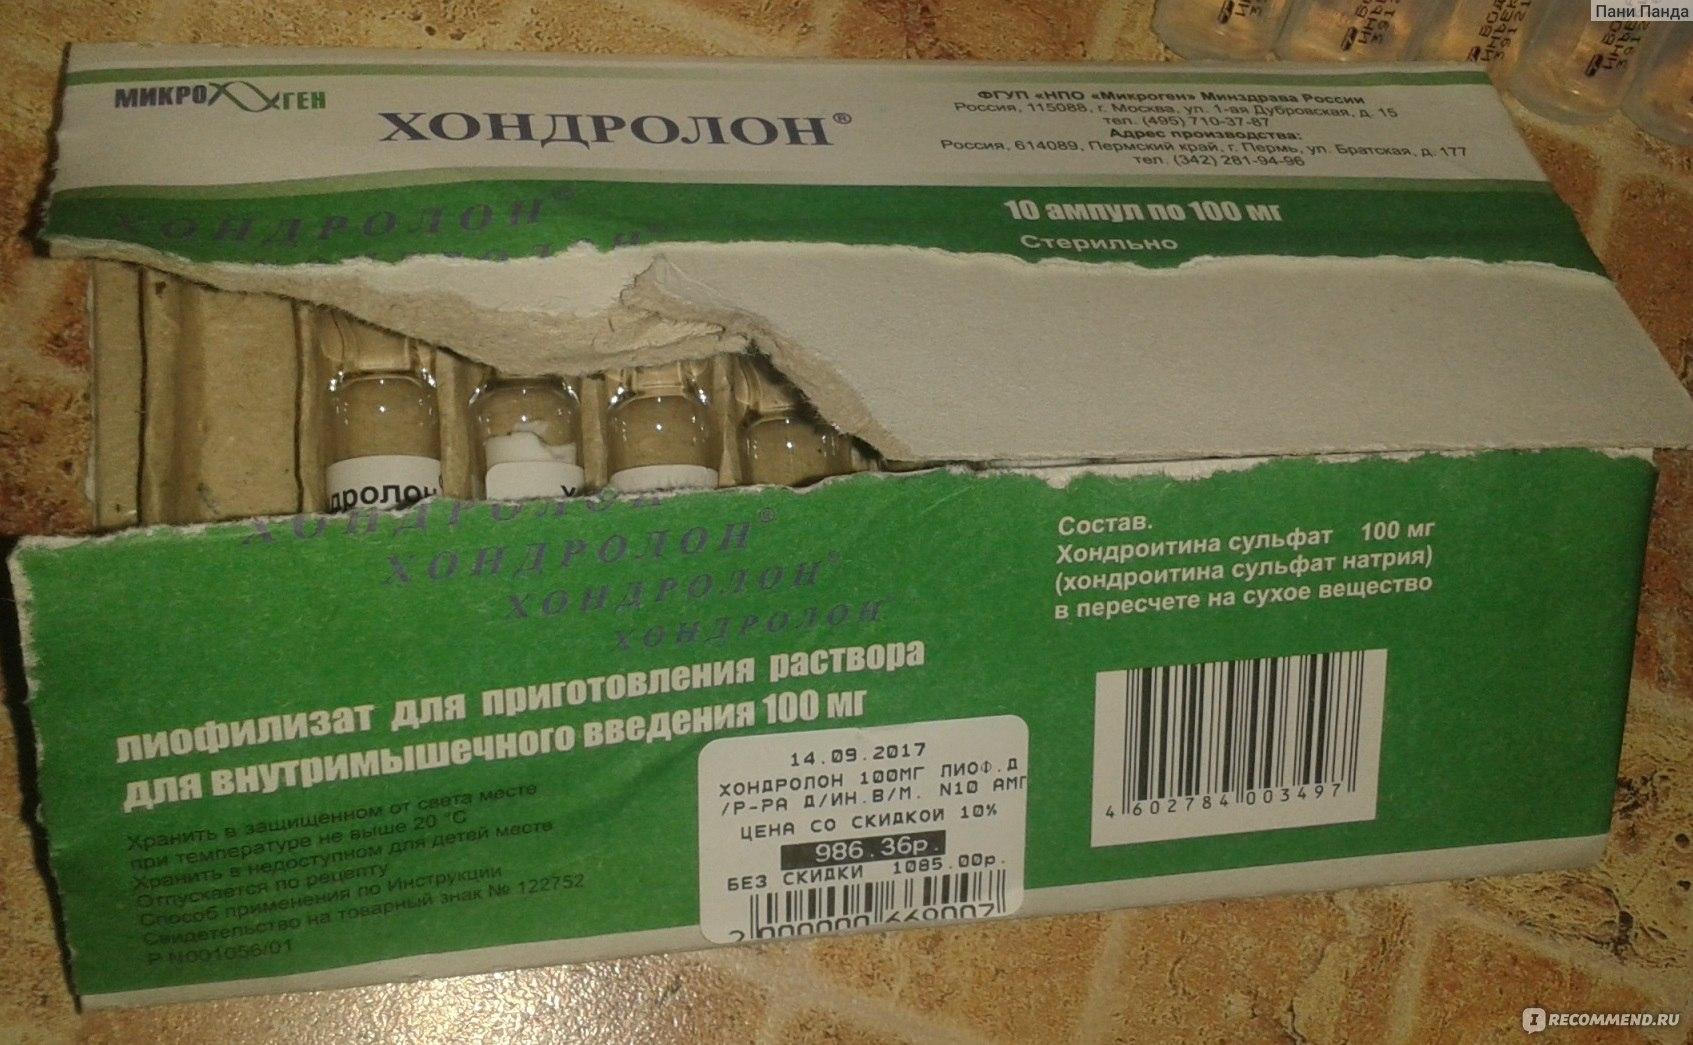 Хондролон: уколы в ампулах 100 мг, мазь